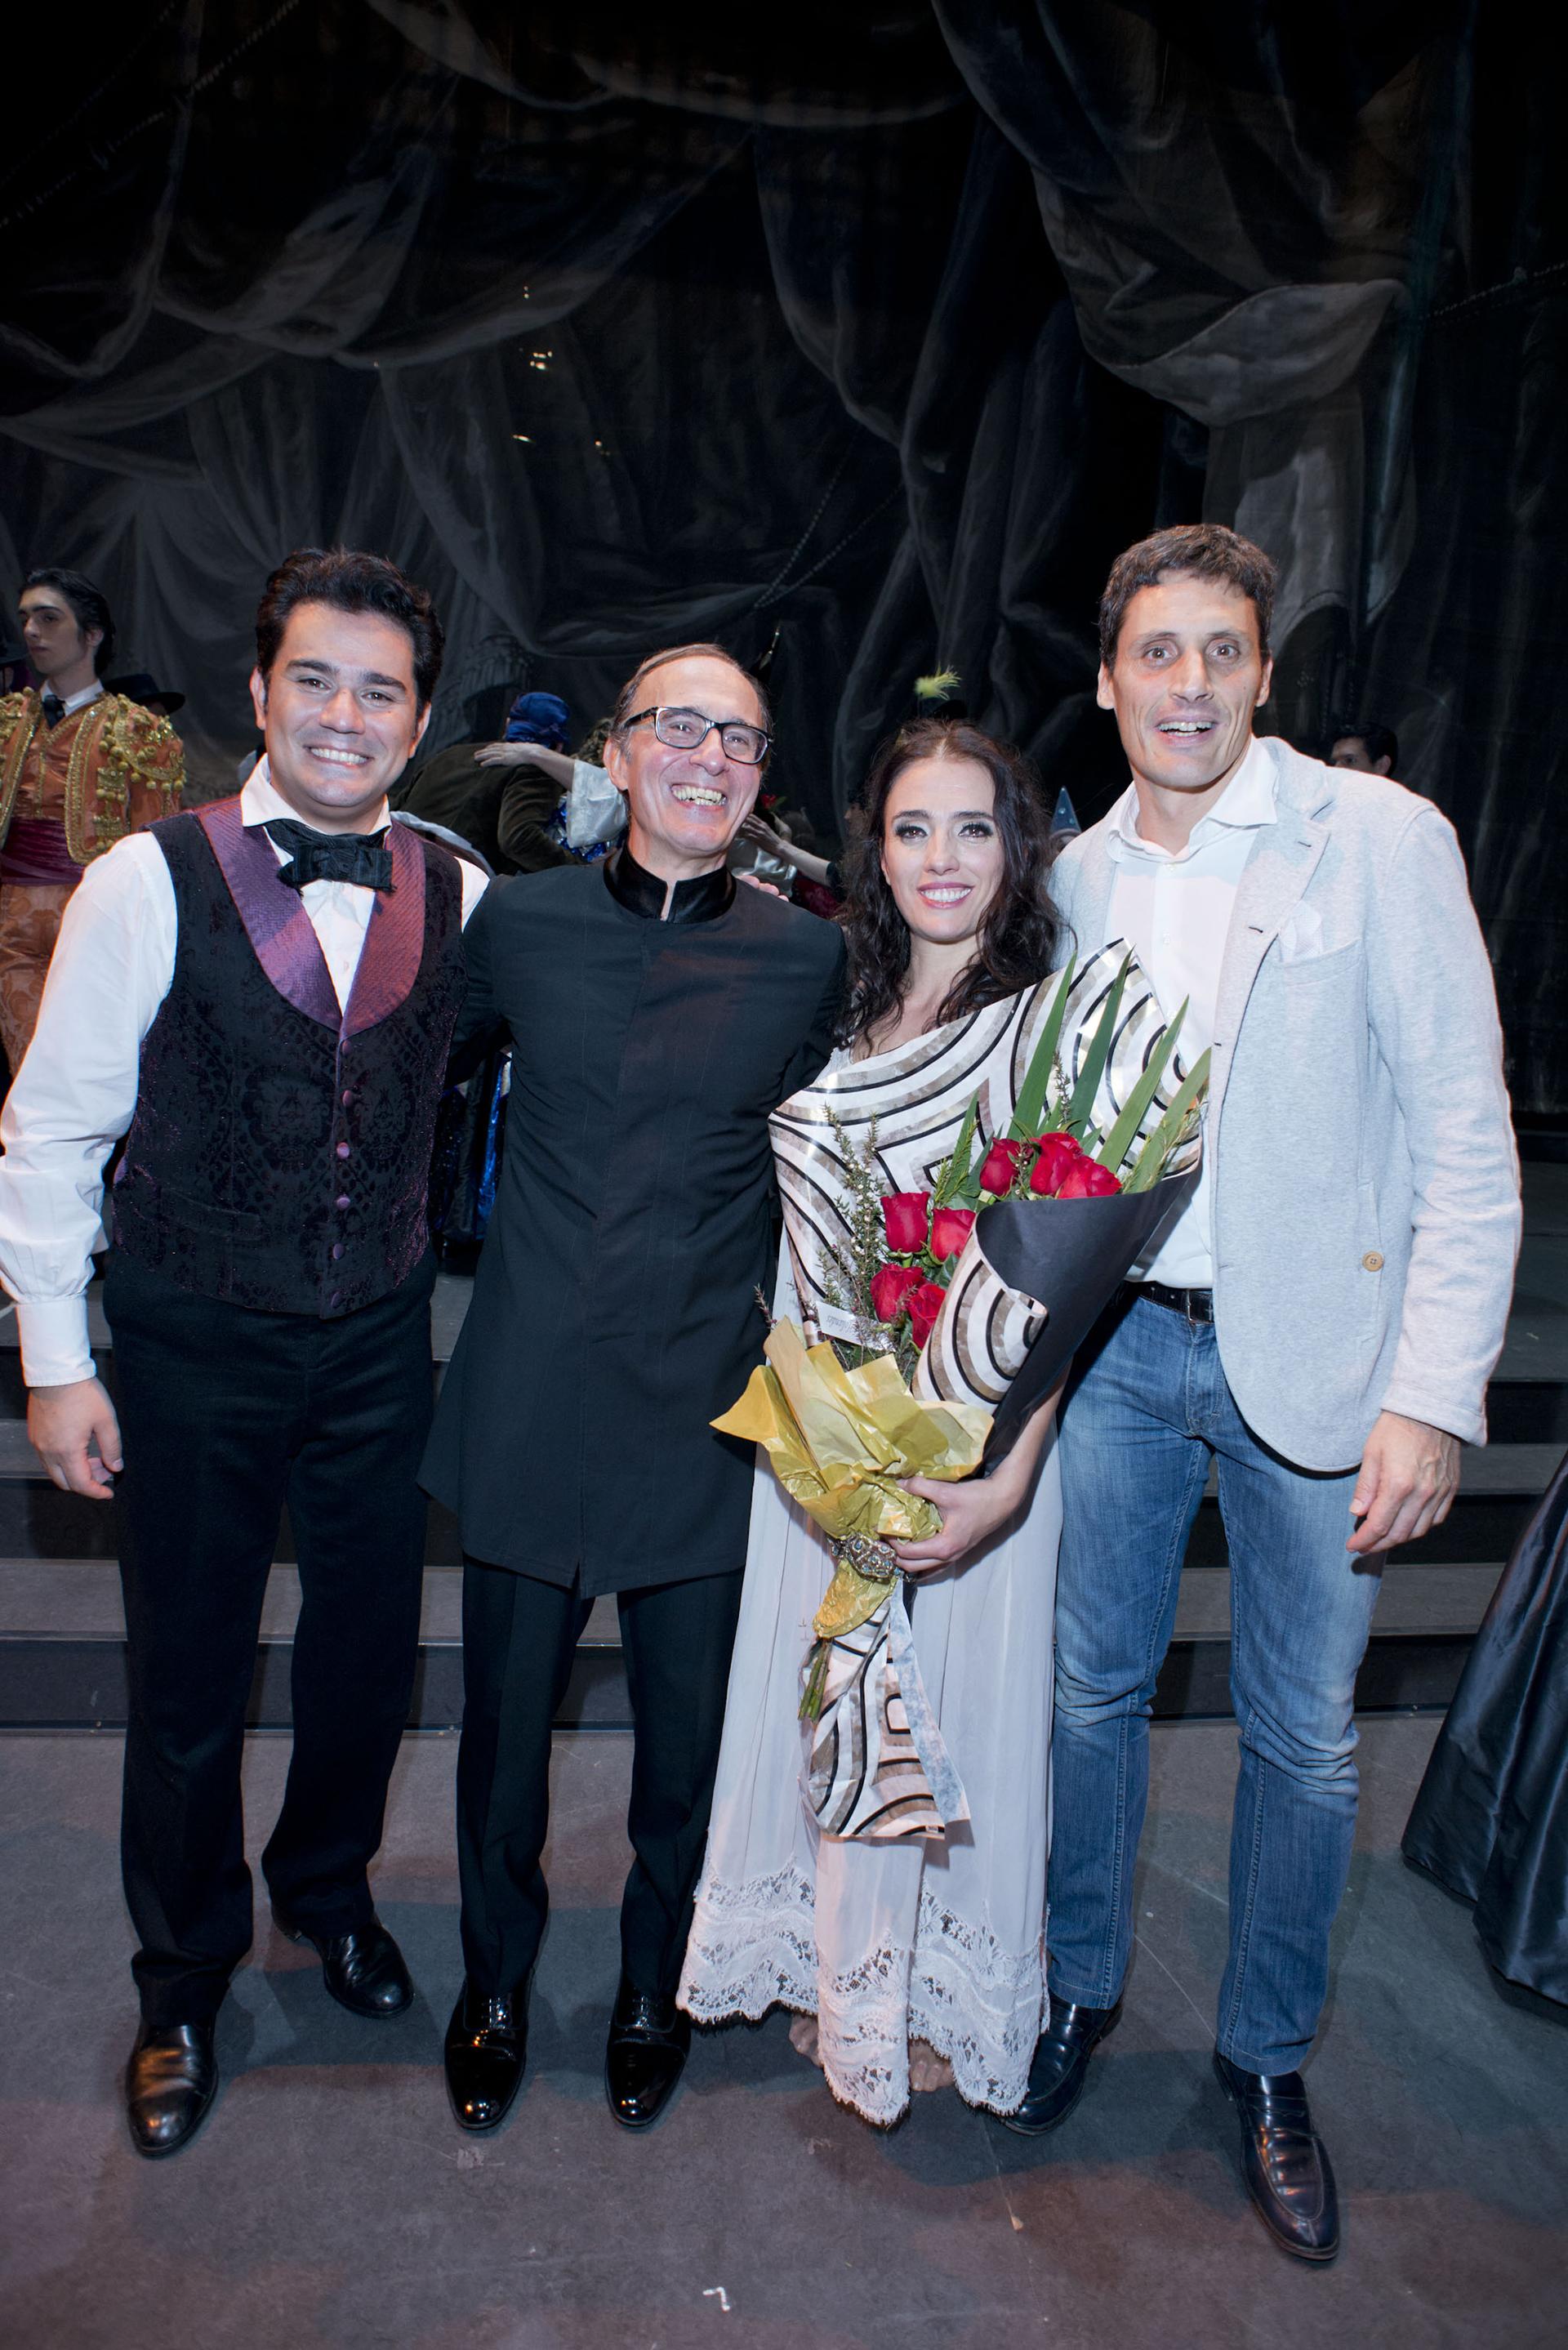 El tenor Saimir Pirgu, el director musical Evelino Pidò, la soprano Ermonela Jaho y el director repositorio de escena, Stefano Trespidi